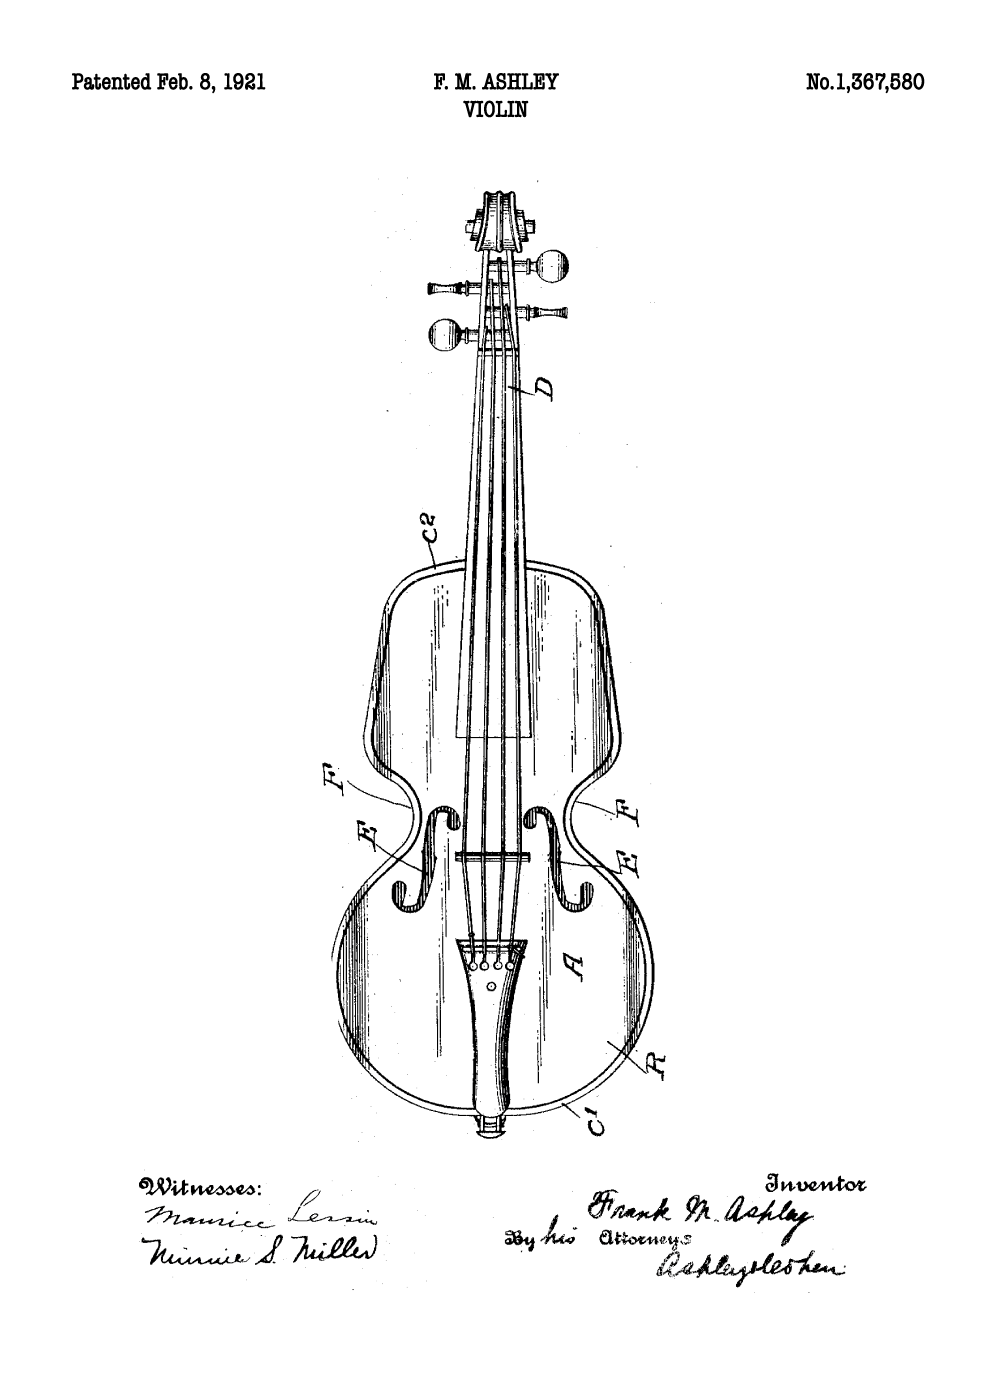 Violin plakat - Original patent tegning